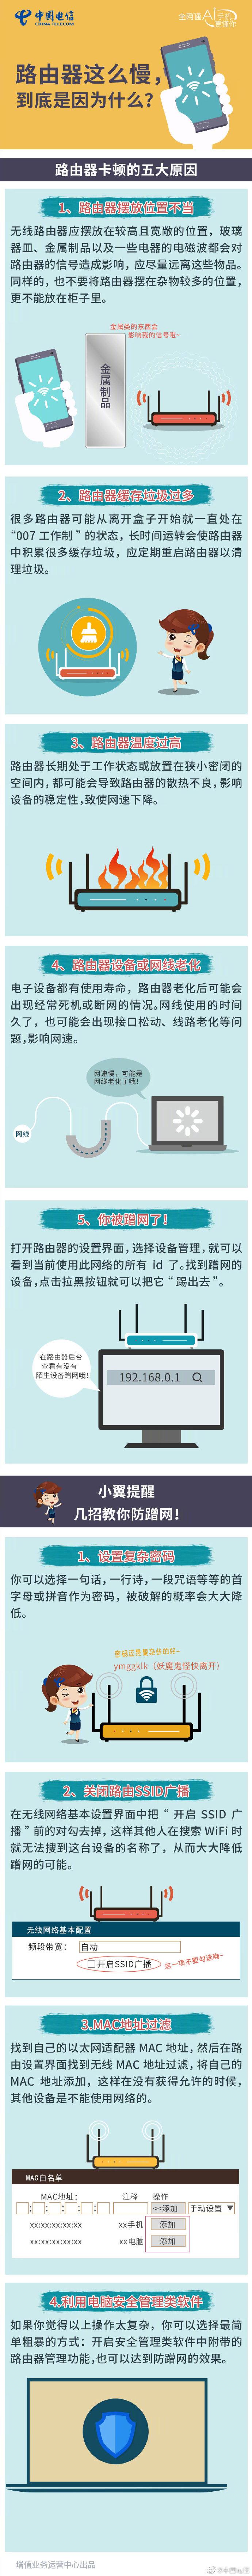 中国电信发文科普:路由器这么慢,到底是因为什么?